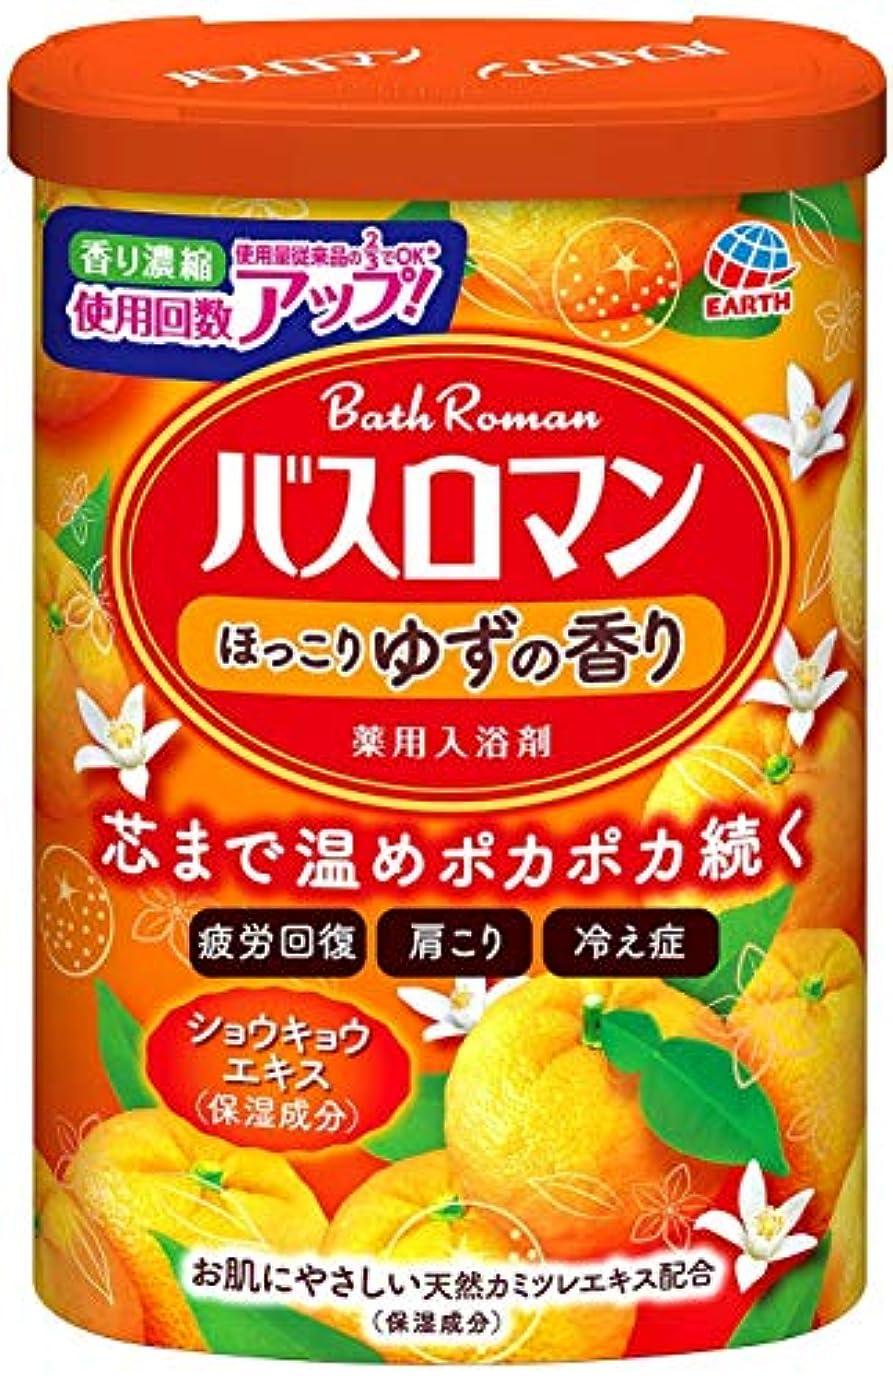 バッグジャーナル液体【医薬部外品】 アース製薬 バスロマン 入浴剤 ほっこりゆずの香り 600g